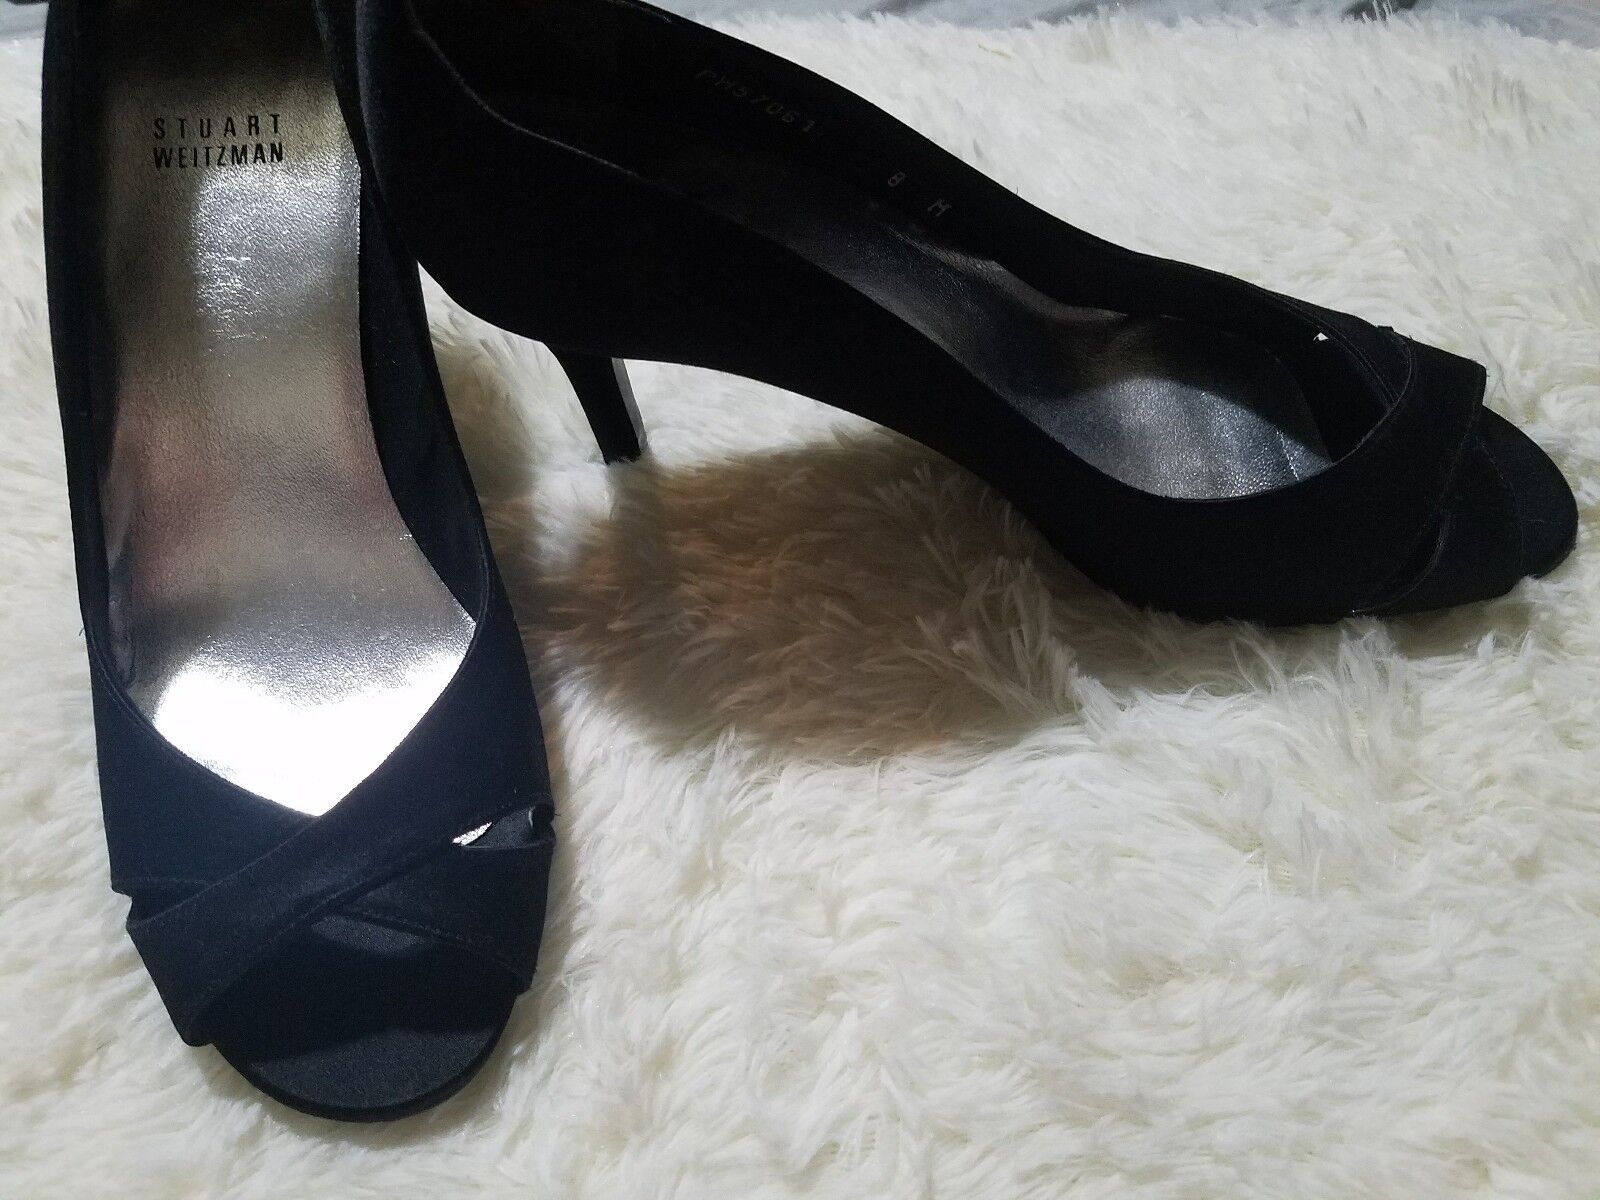 New Stuart Weitzman Black Open-Toe Satin Lace Lace Lace Heels shoes  8 M c0c8c6